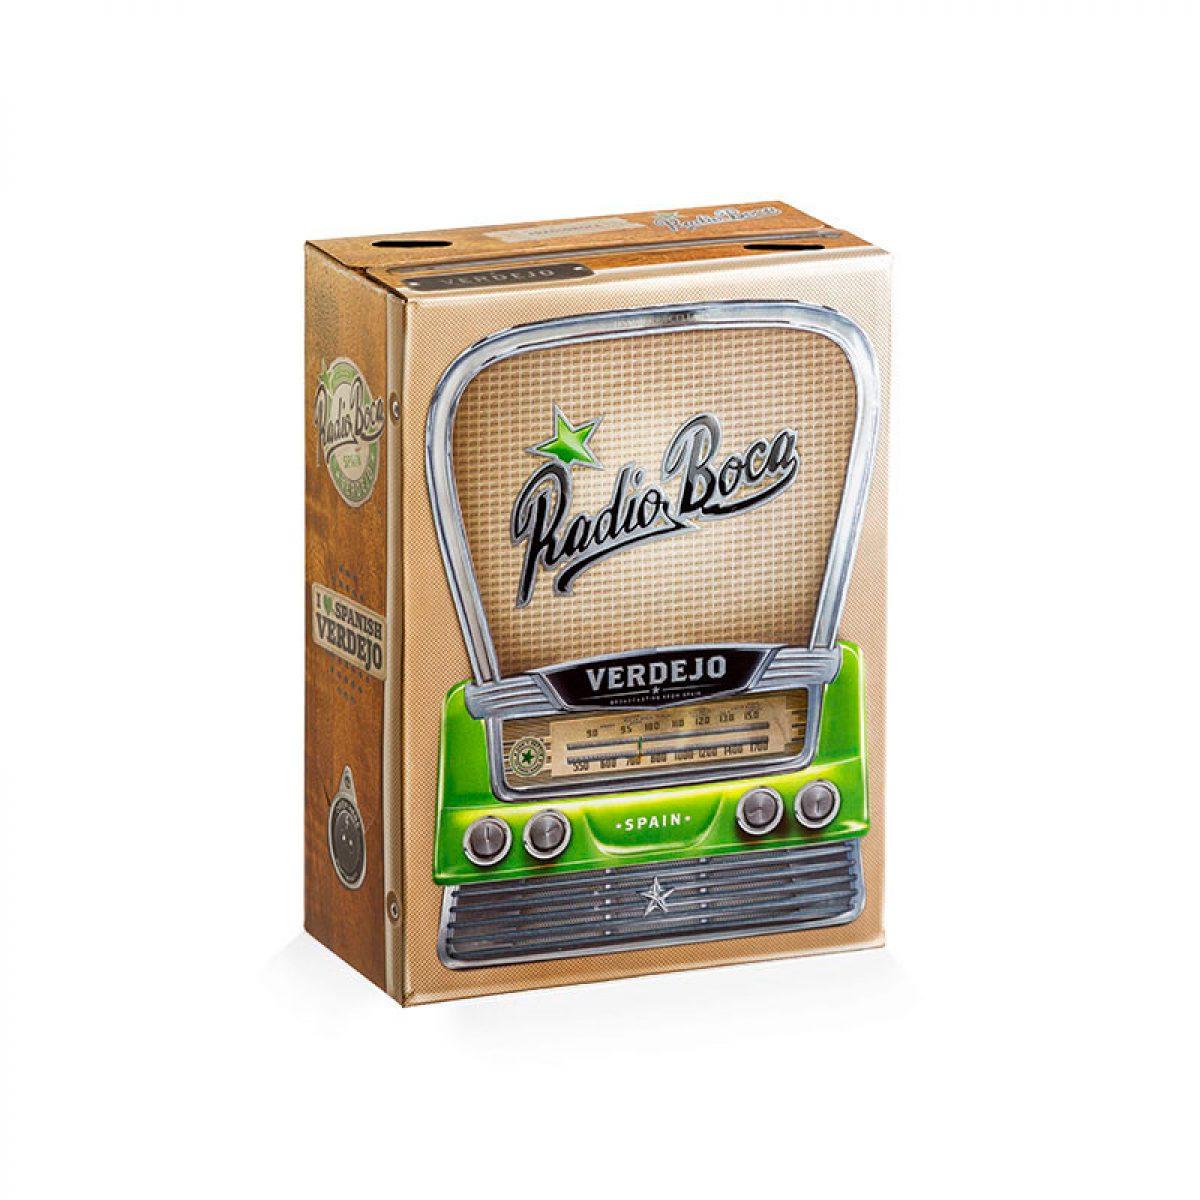 Caja Bag in Box de cartón con asa de plástico Radio Boca